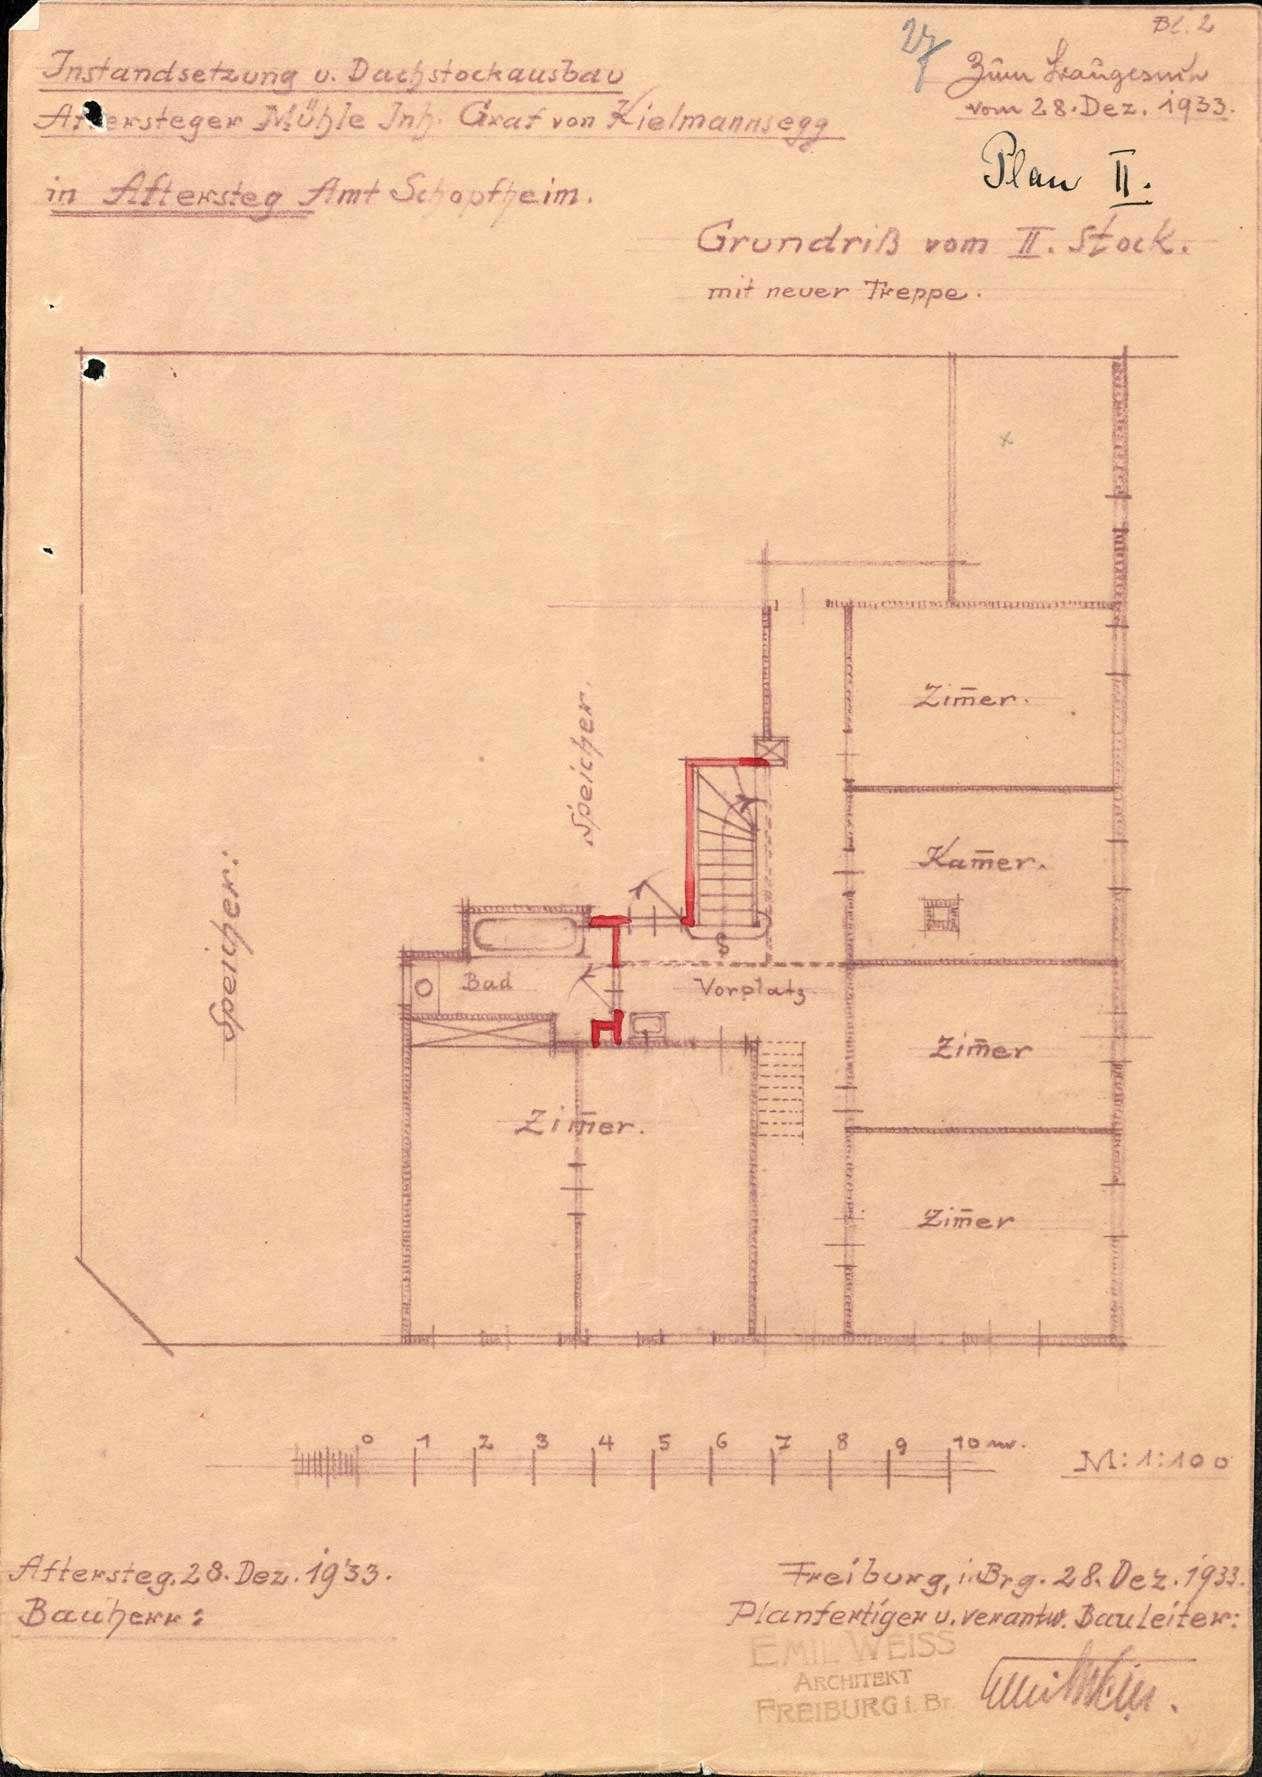 Verleihung der Wirtschaftskonzession an das ehemalige Gasthaus Zur Mühle, jetzt Zur Aftersteger Mühle, in Aftersteg, Bild 3